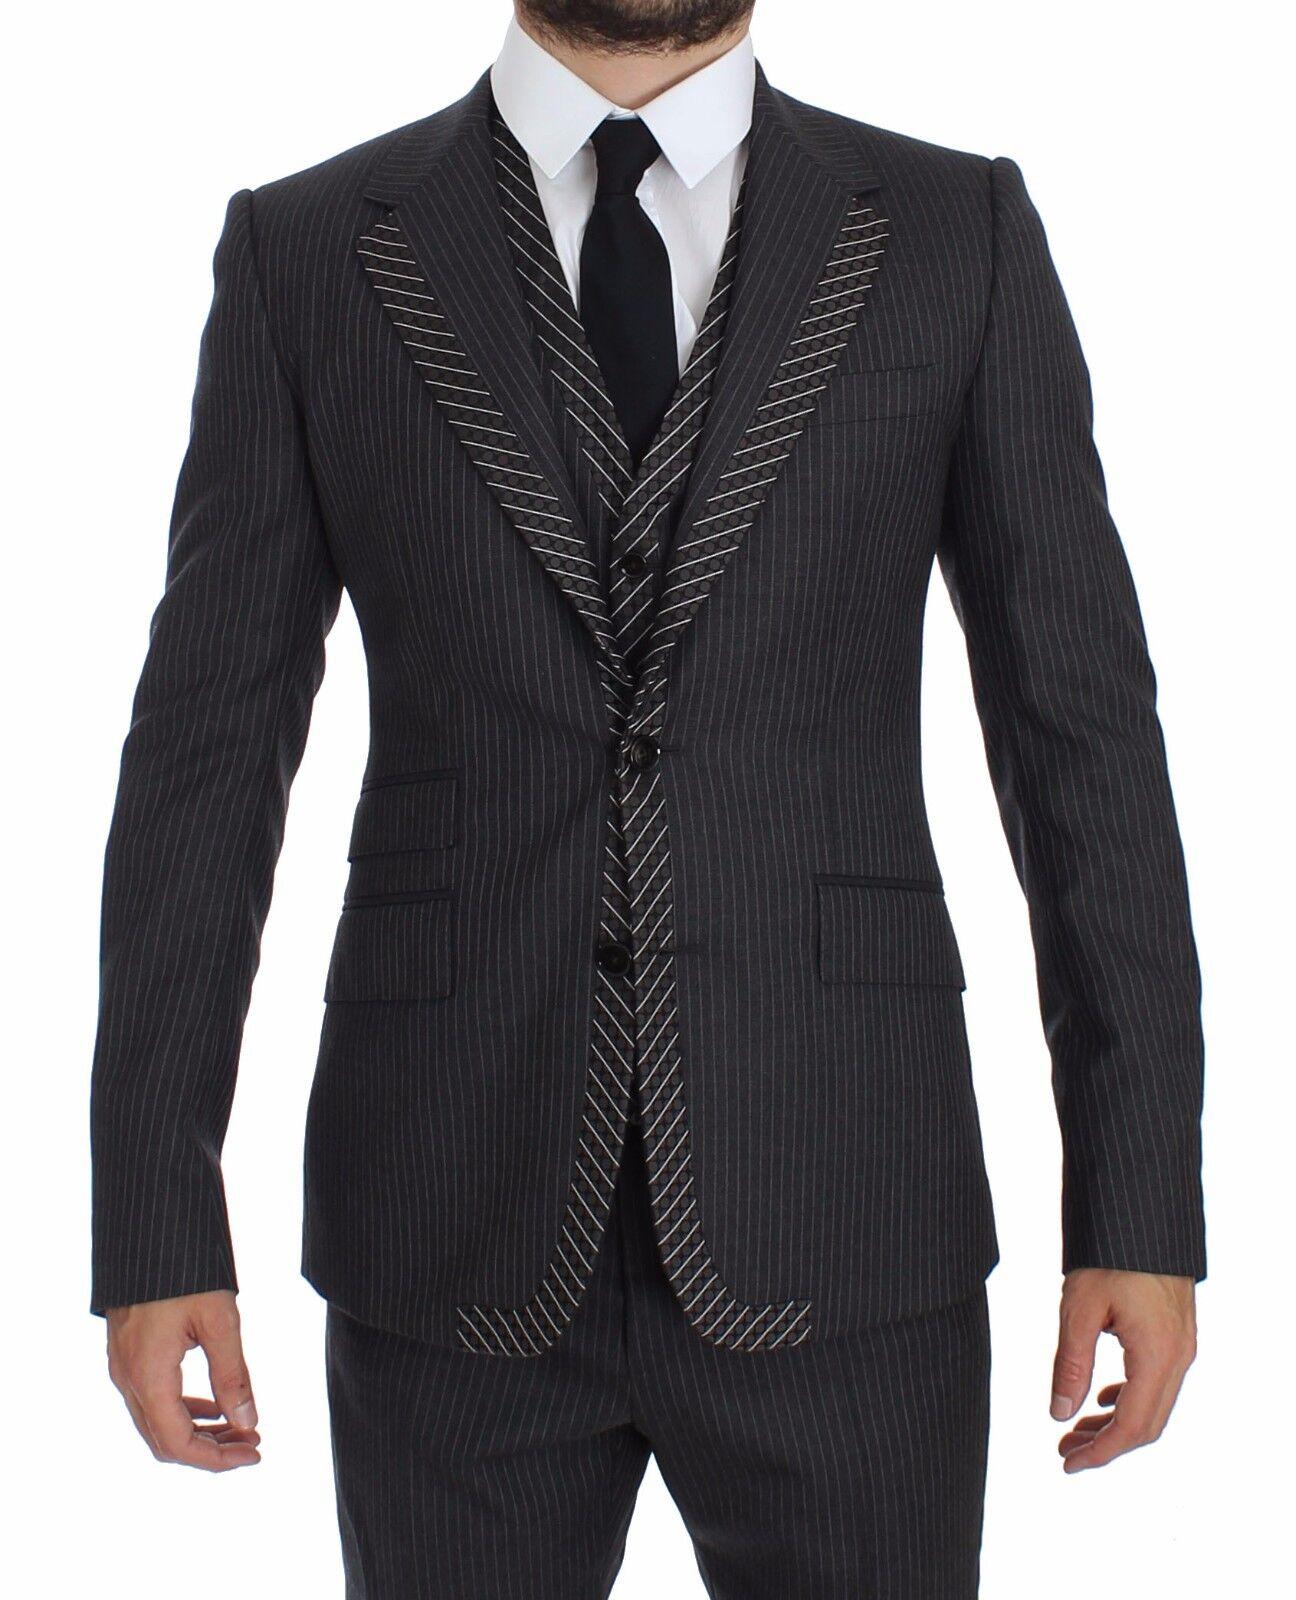 NEW DOLCE & GABBANA Suit Tuxedo grau Striped 3 Piece Slim EU44/ US34/ XS